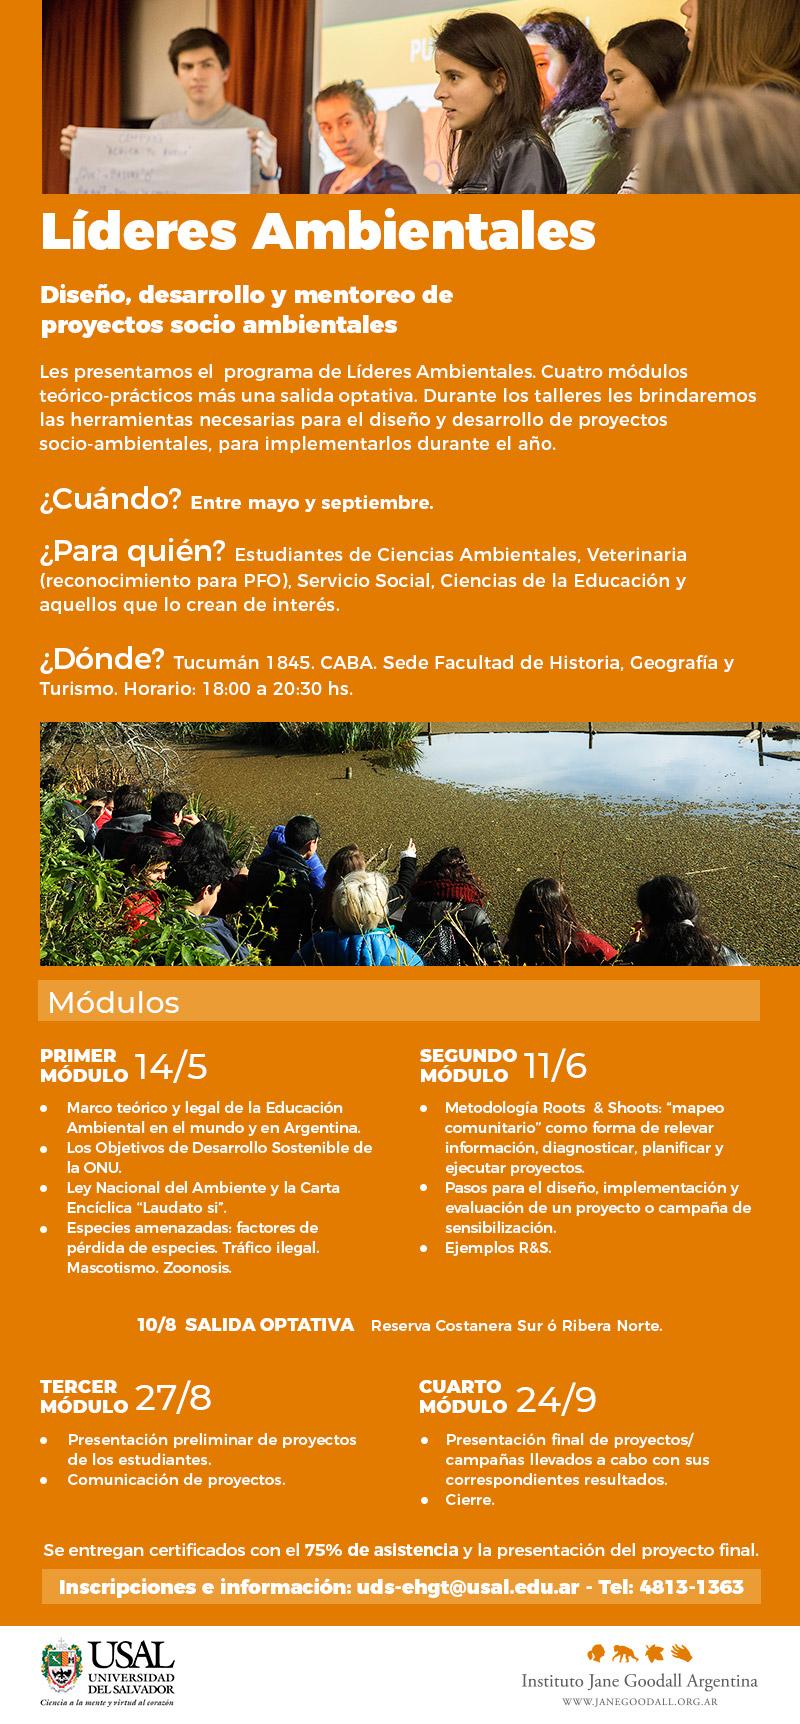 placa-lideres-ambientales__4